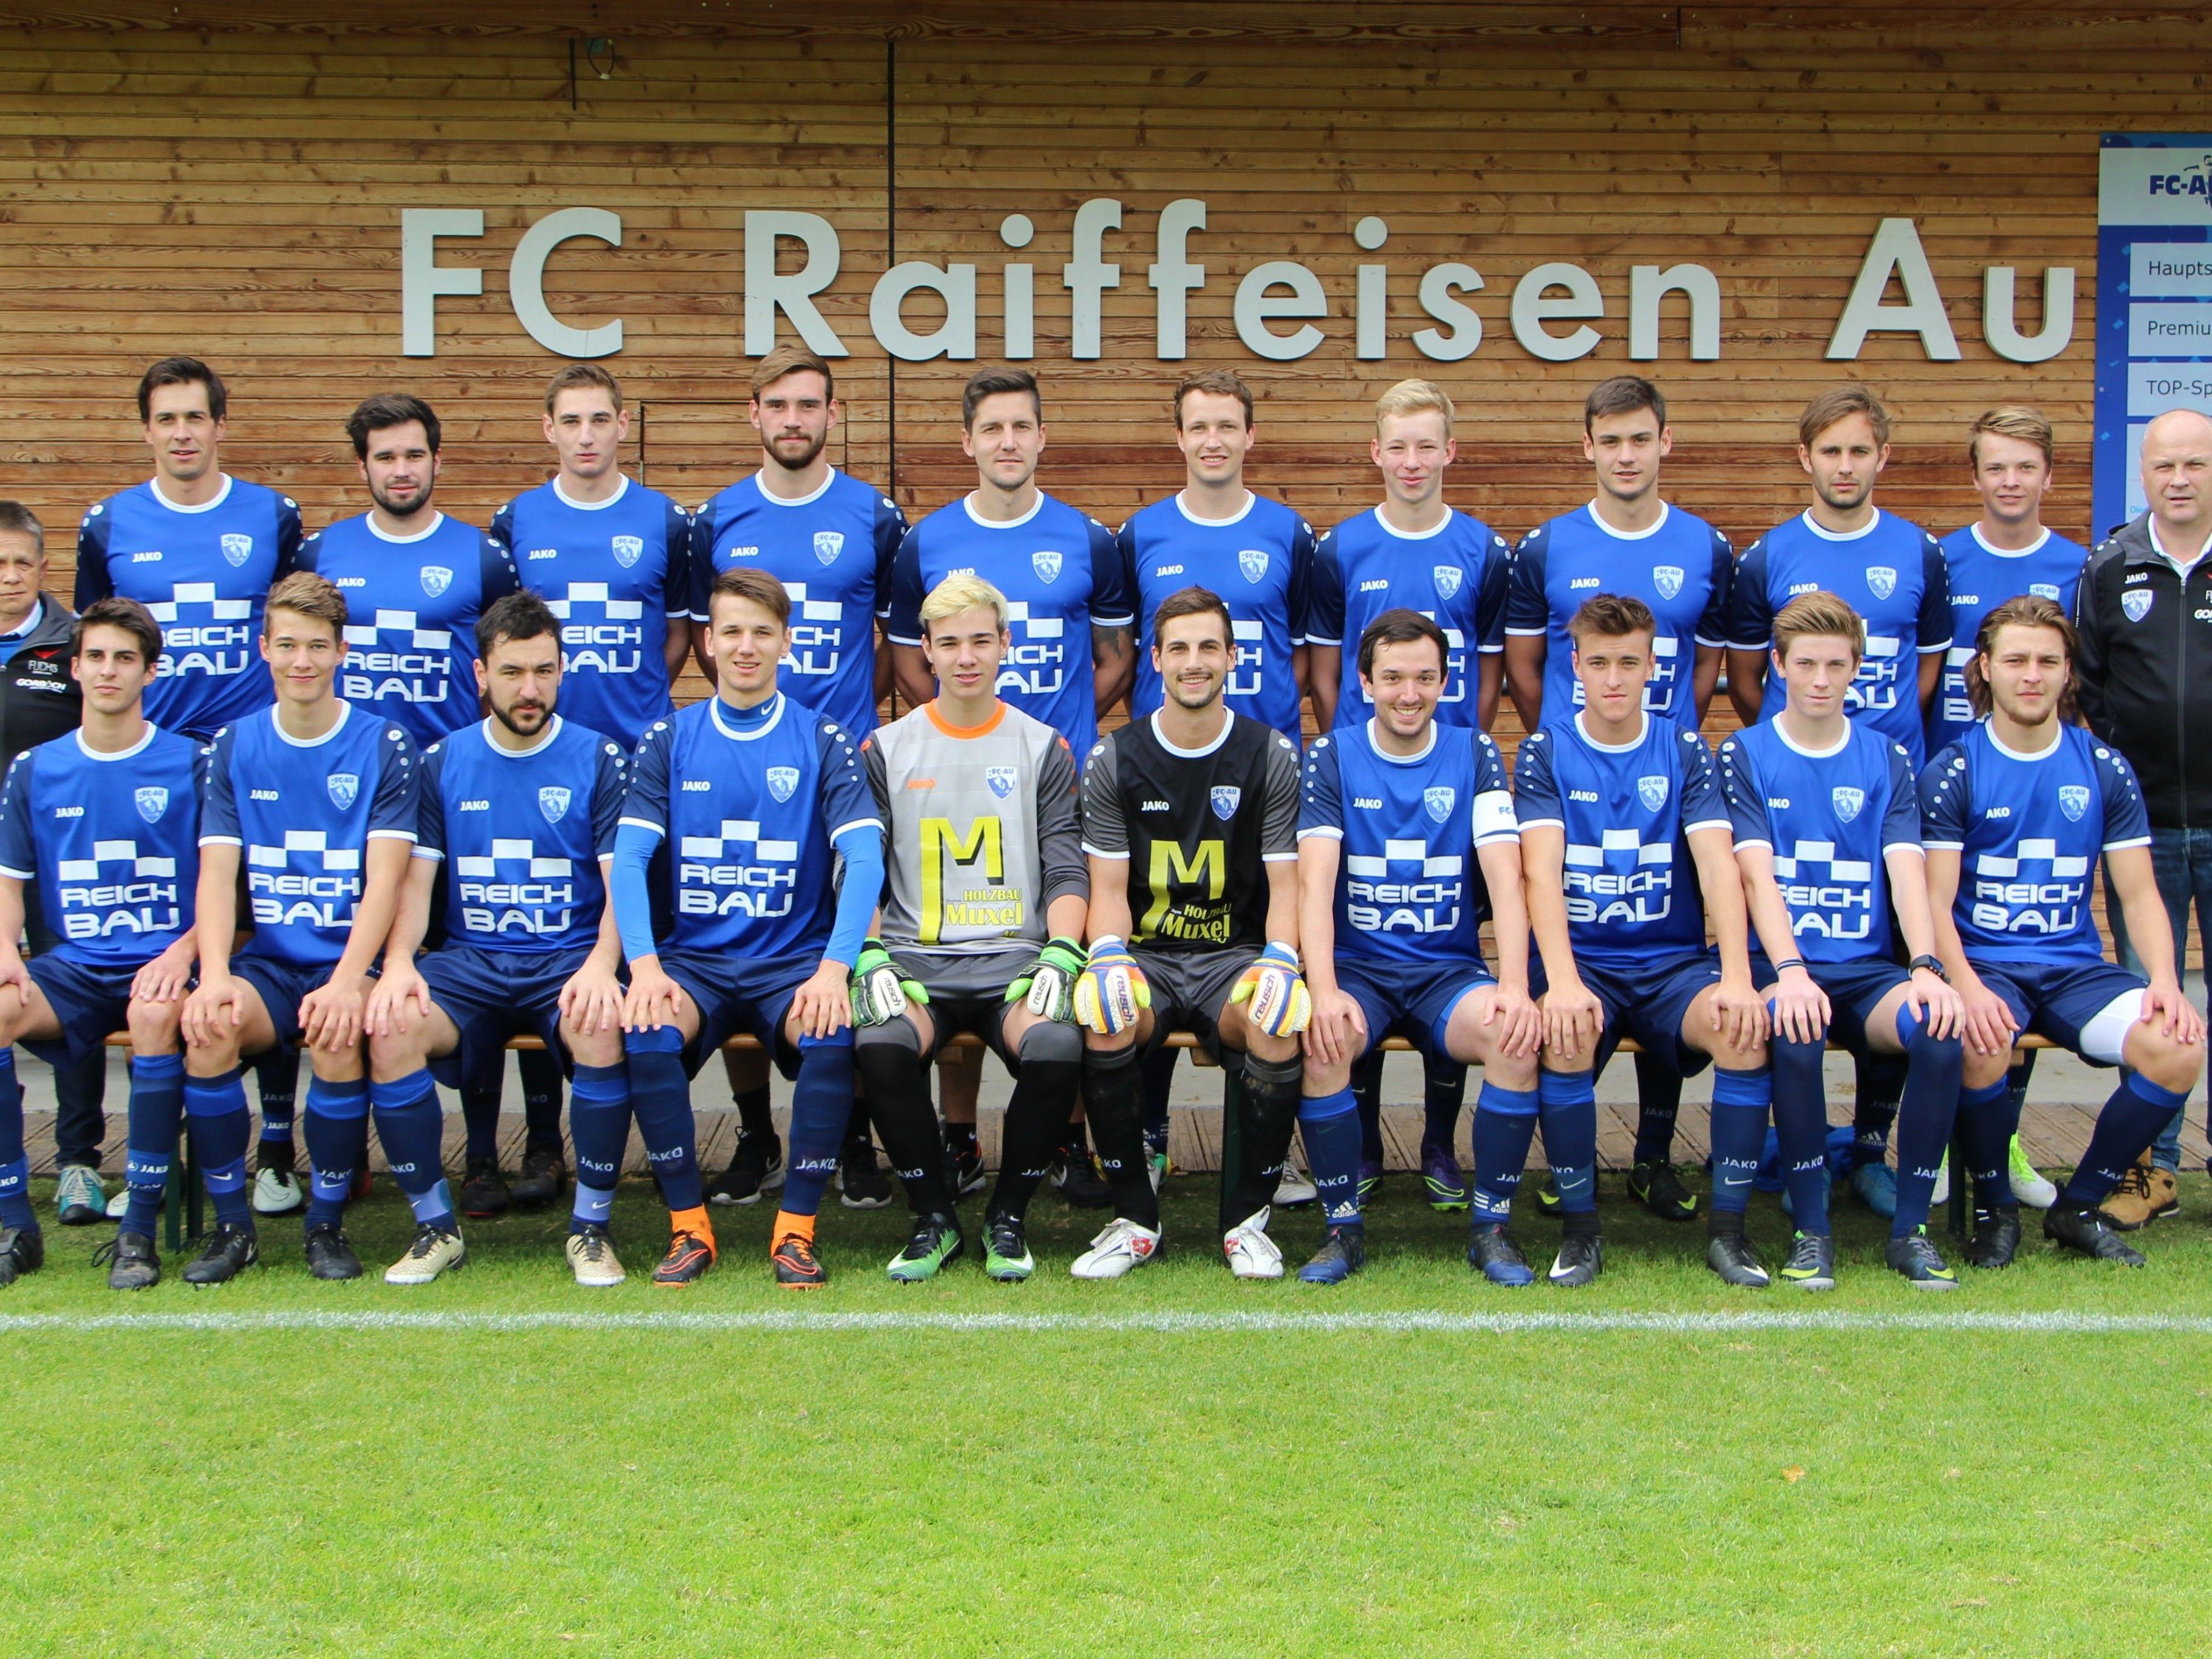 Ungeschlagen Herbstmeiser FC Raiffeisen Au I